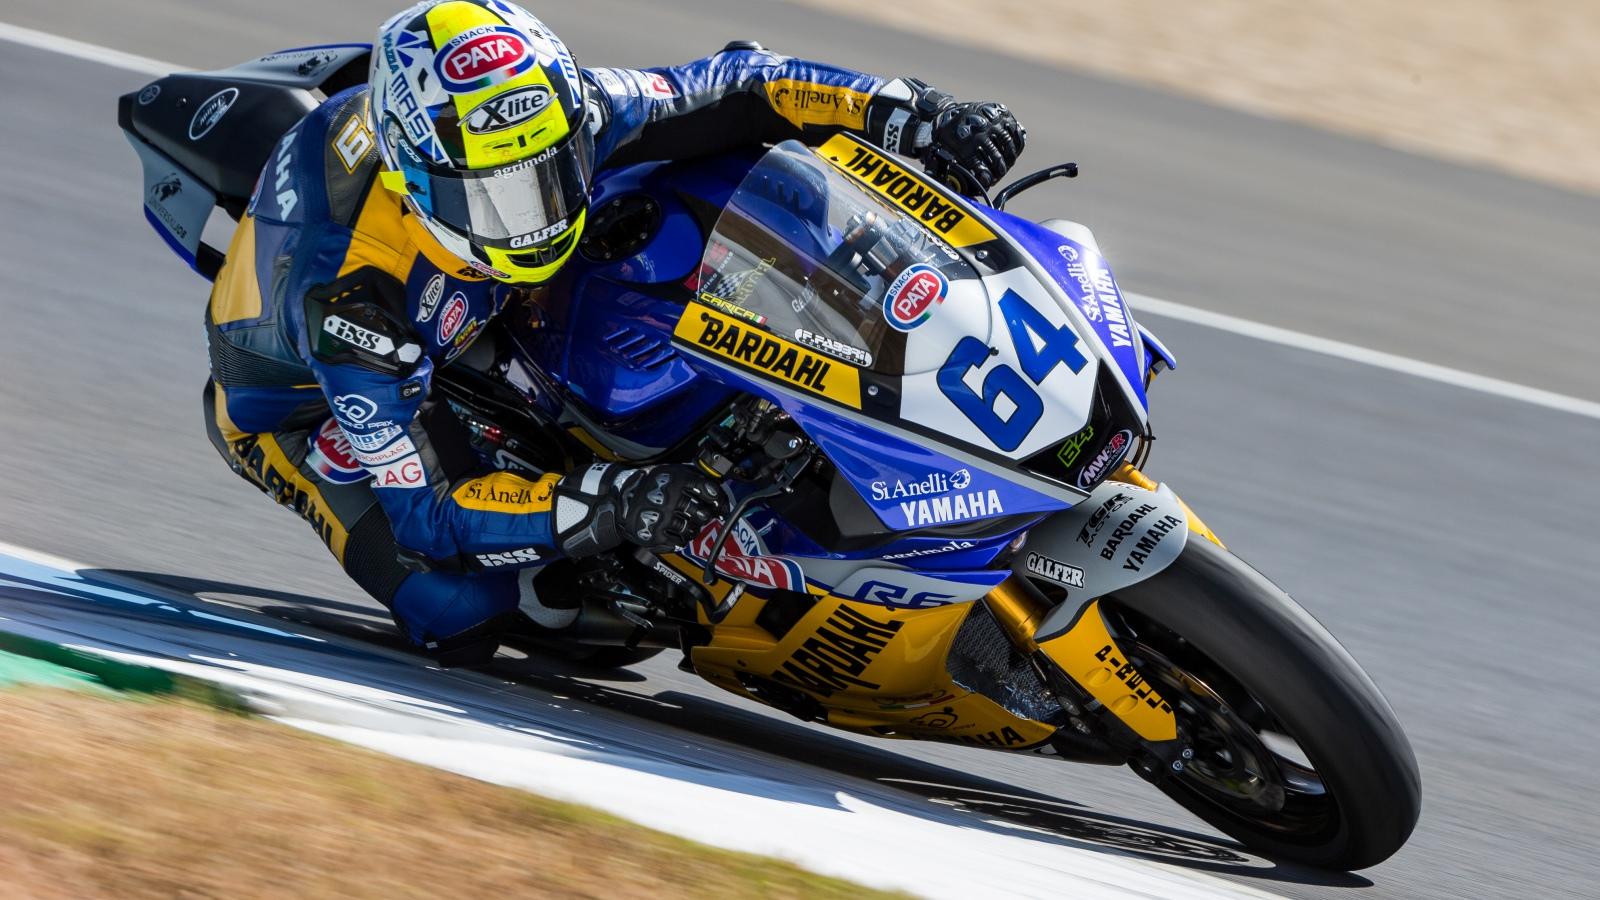 Victoria inapelable de Federico Caricasulo en el póquer de Yamaha en Jerez